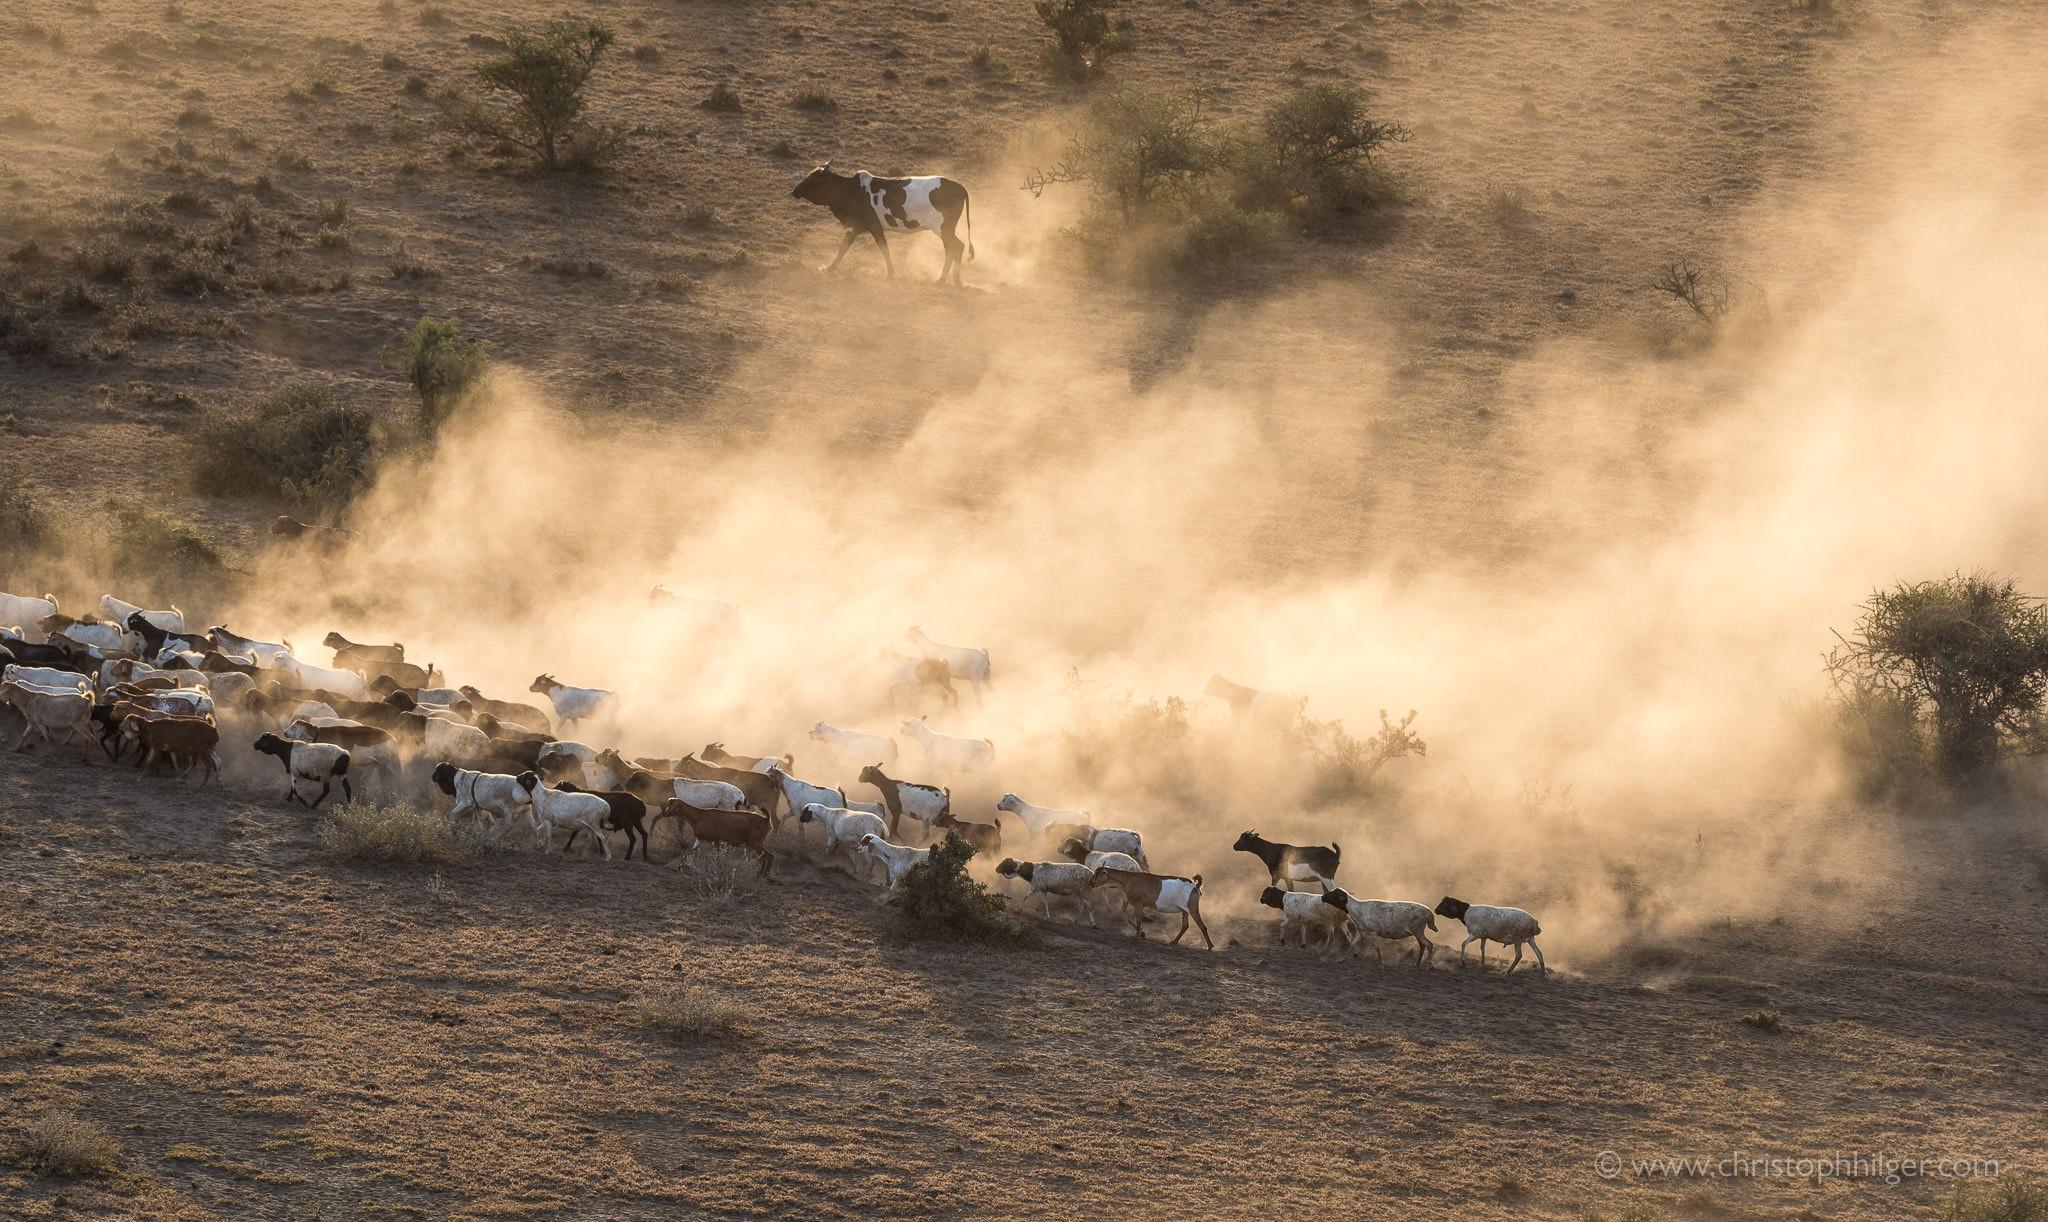 Ziegenherde im Maasai-Land zwischen Klilimanjaro und Mount Meru, Tansania